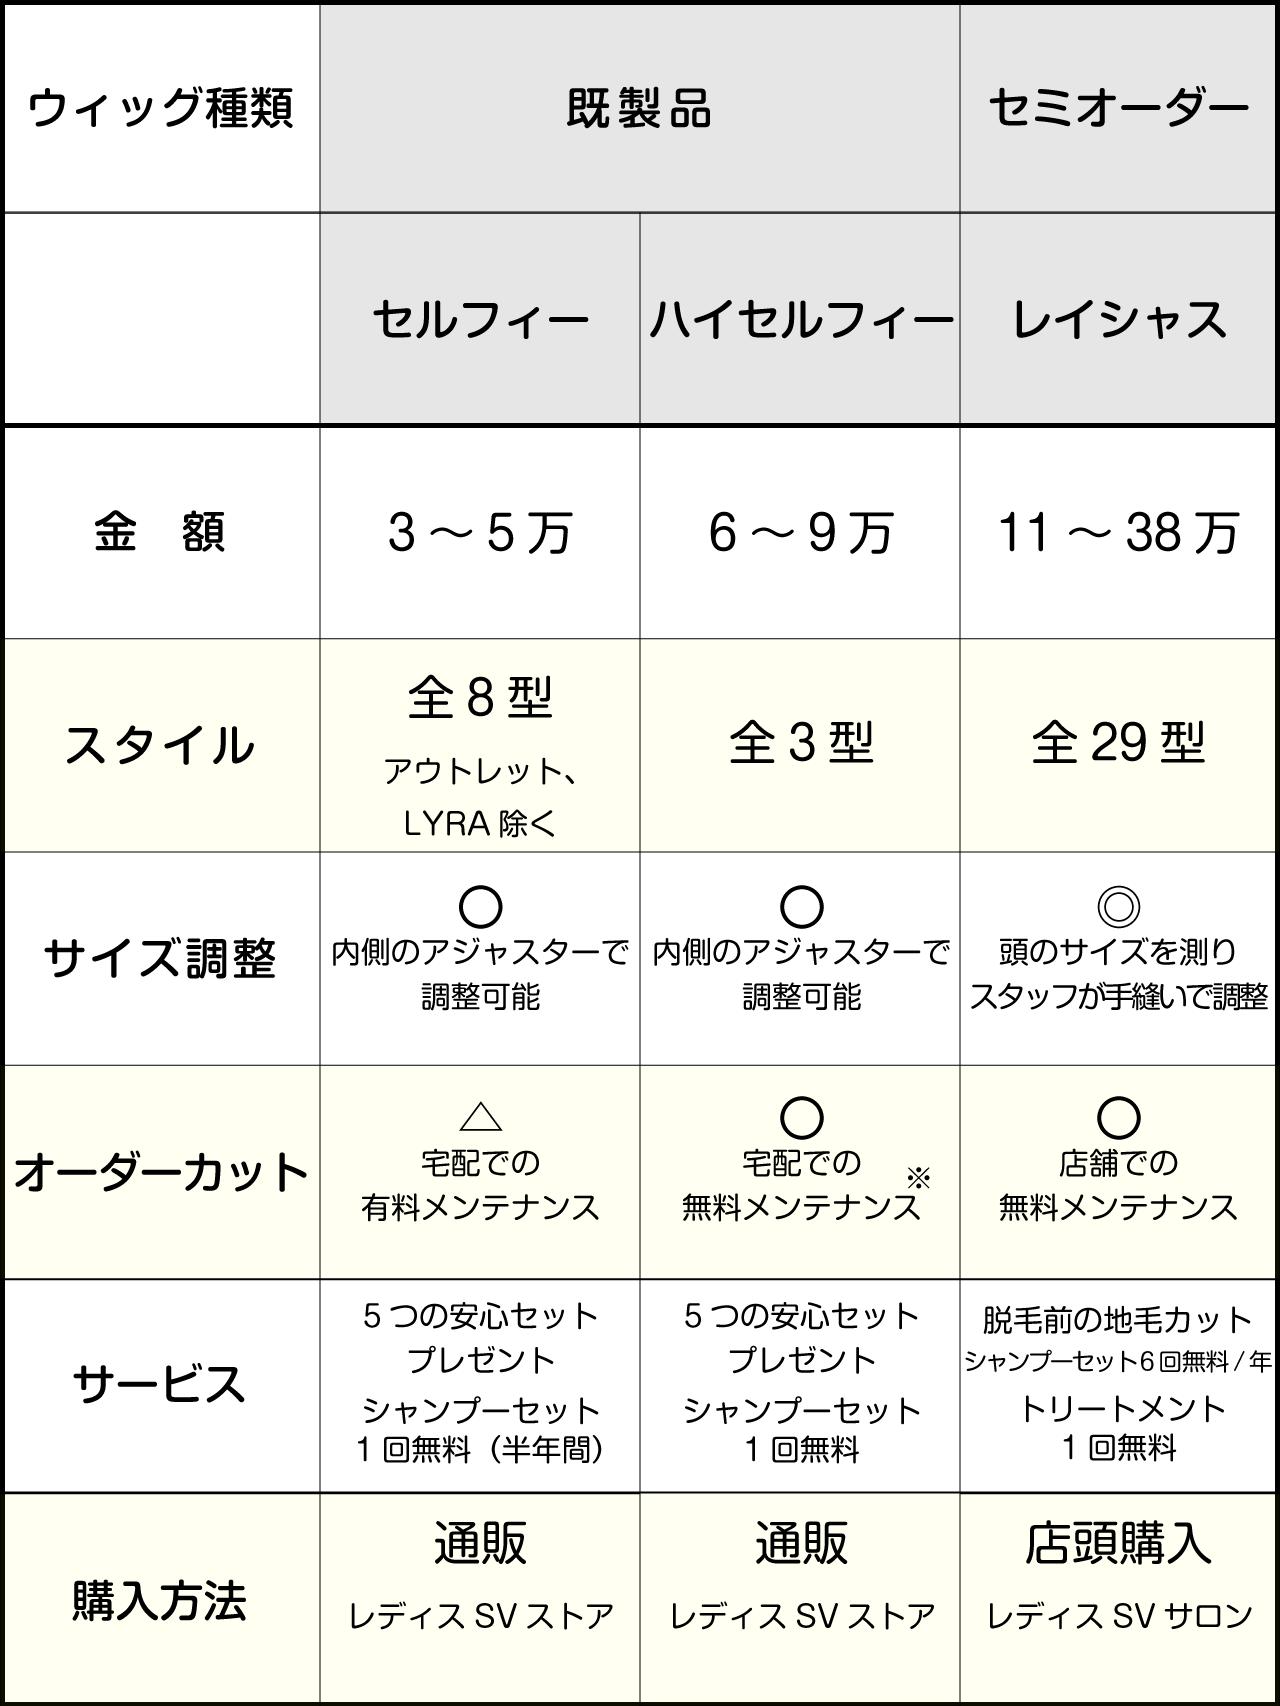 金額・サービスなどの比較表